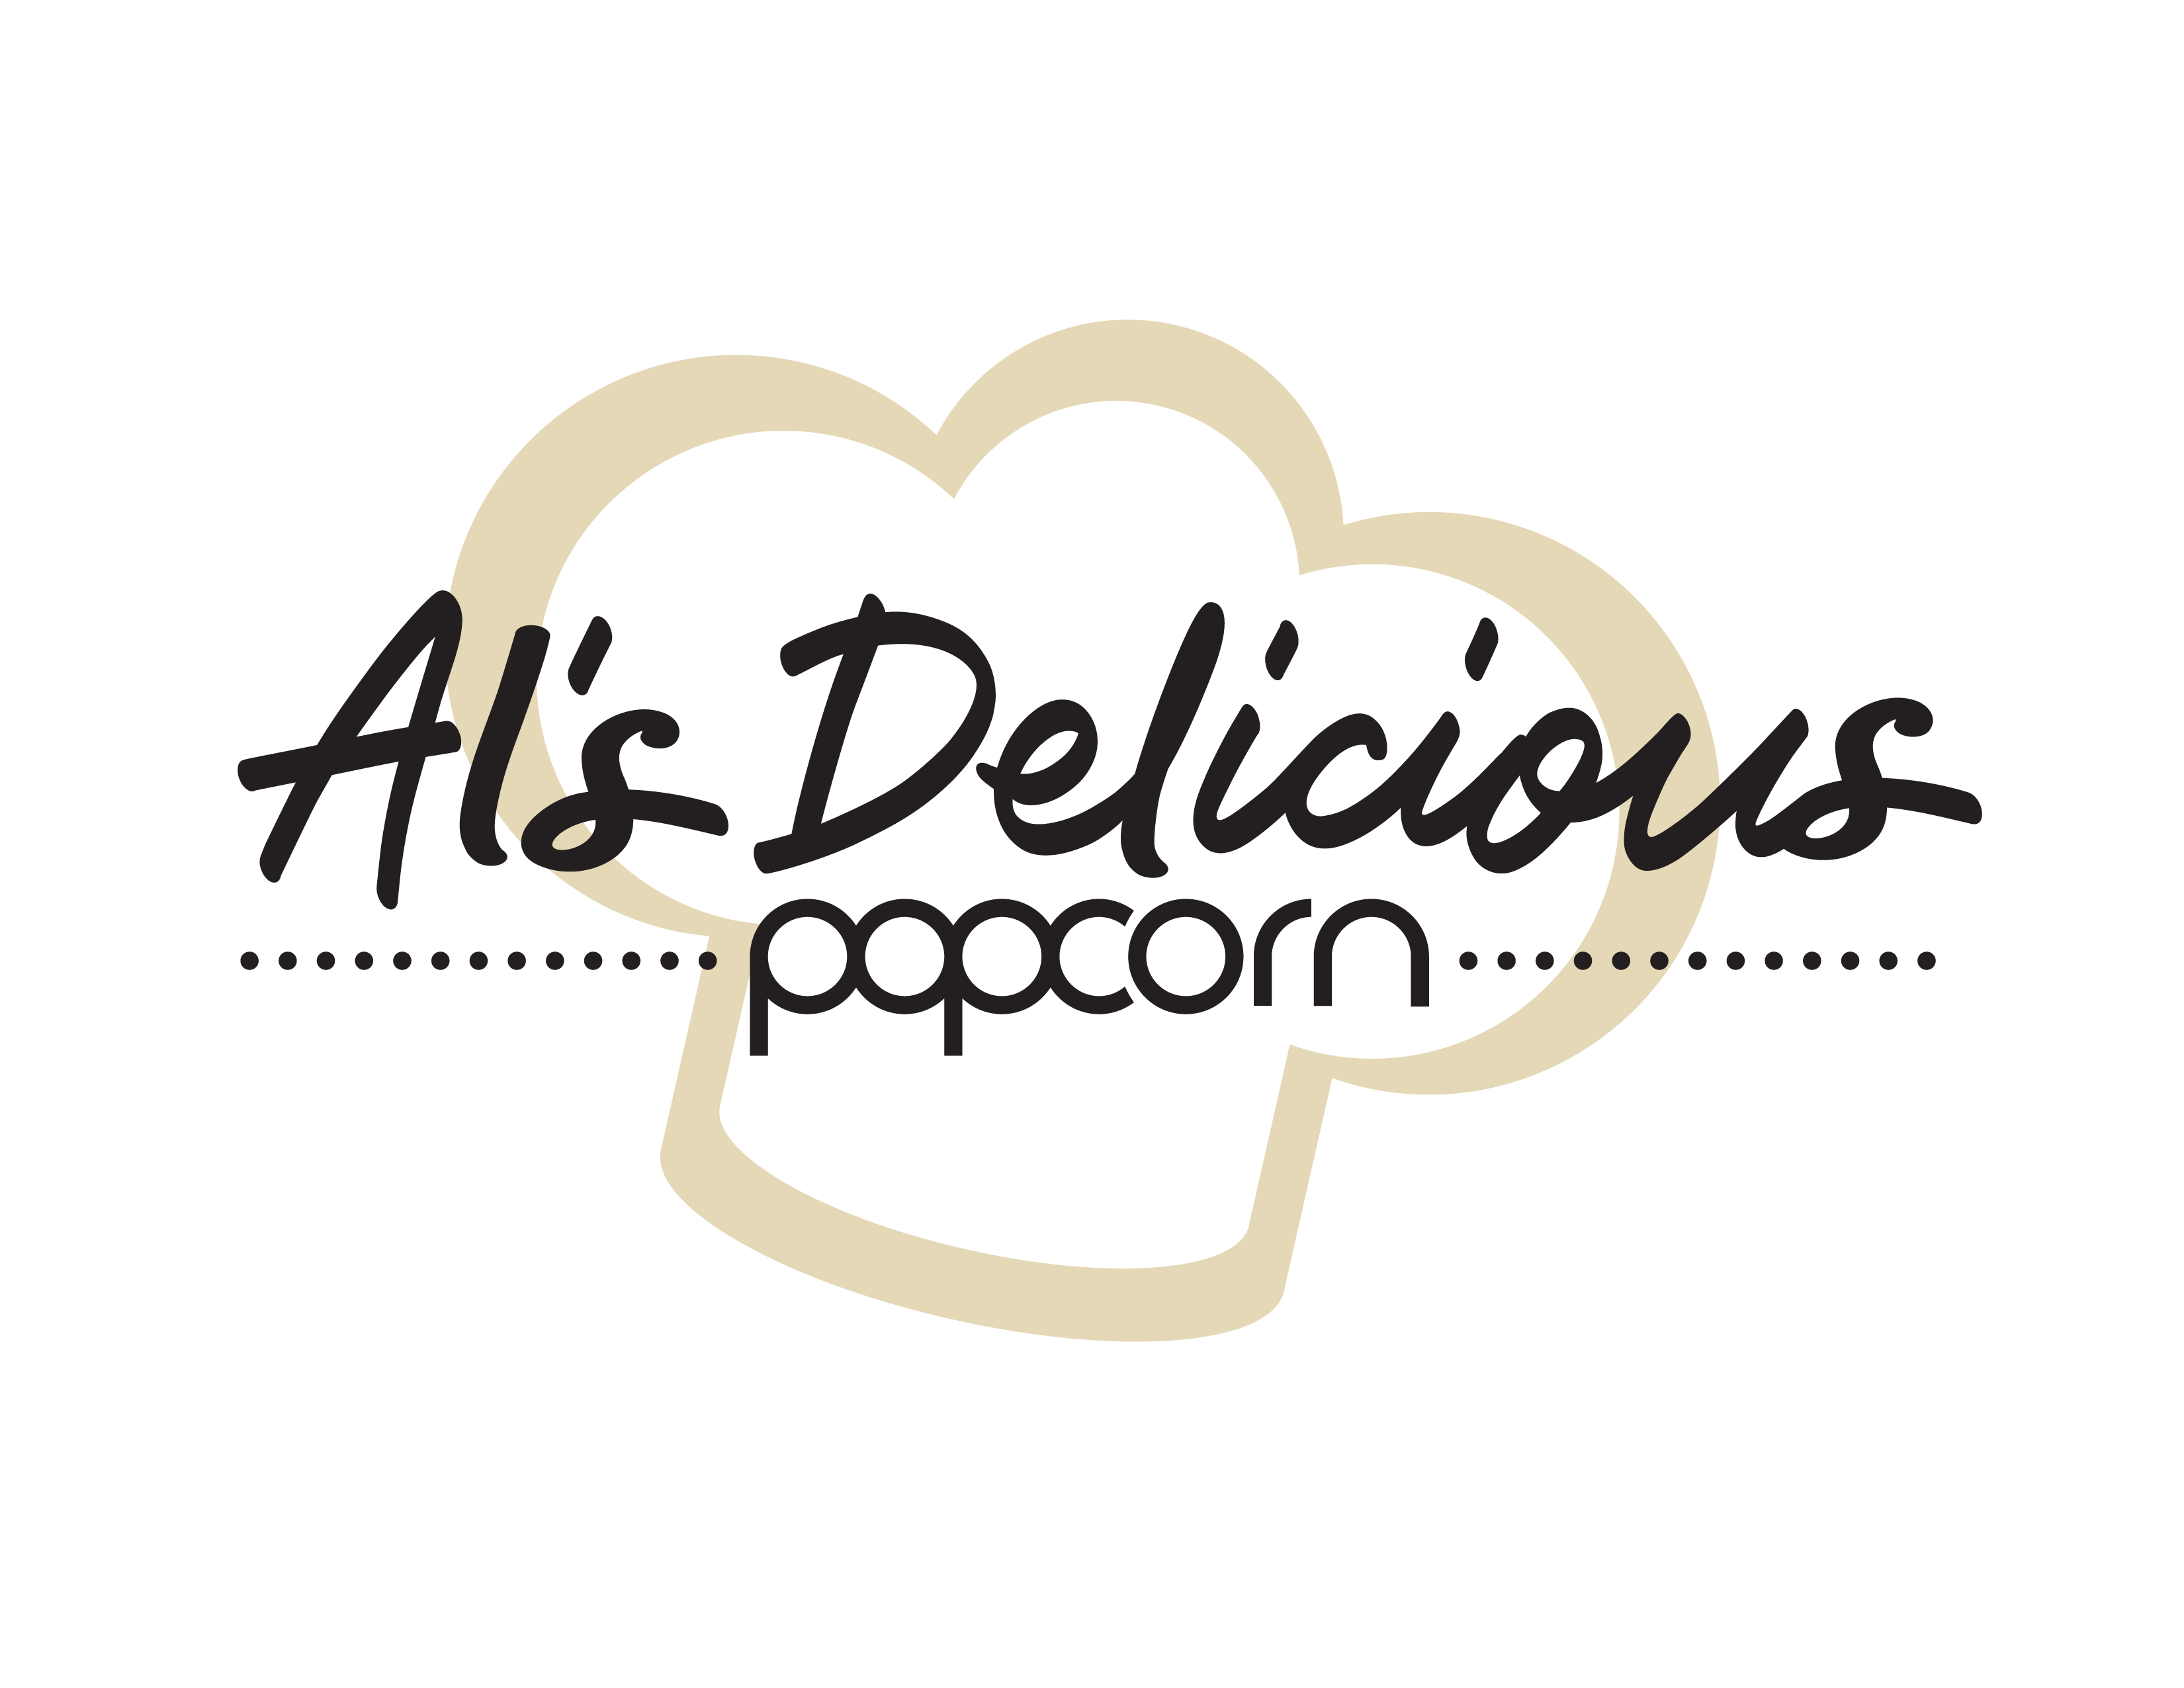 Al's Delicious Popcorn Logo